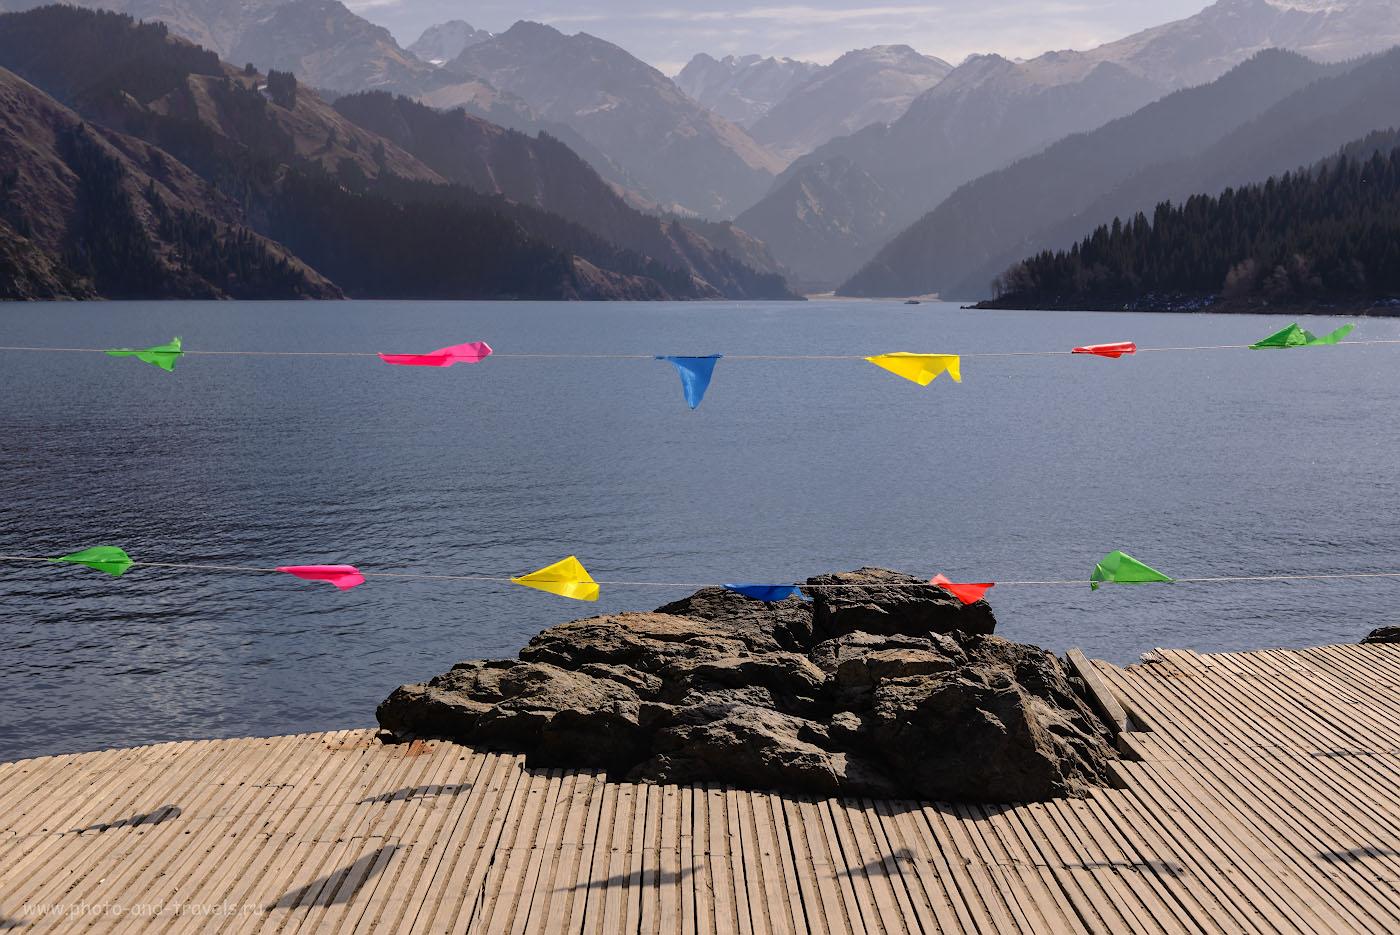 Фото 15. Небесное озеро (Тяньчи) в СУАР в Китае. 1/500, -1.0, 8.0, 100, 40.